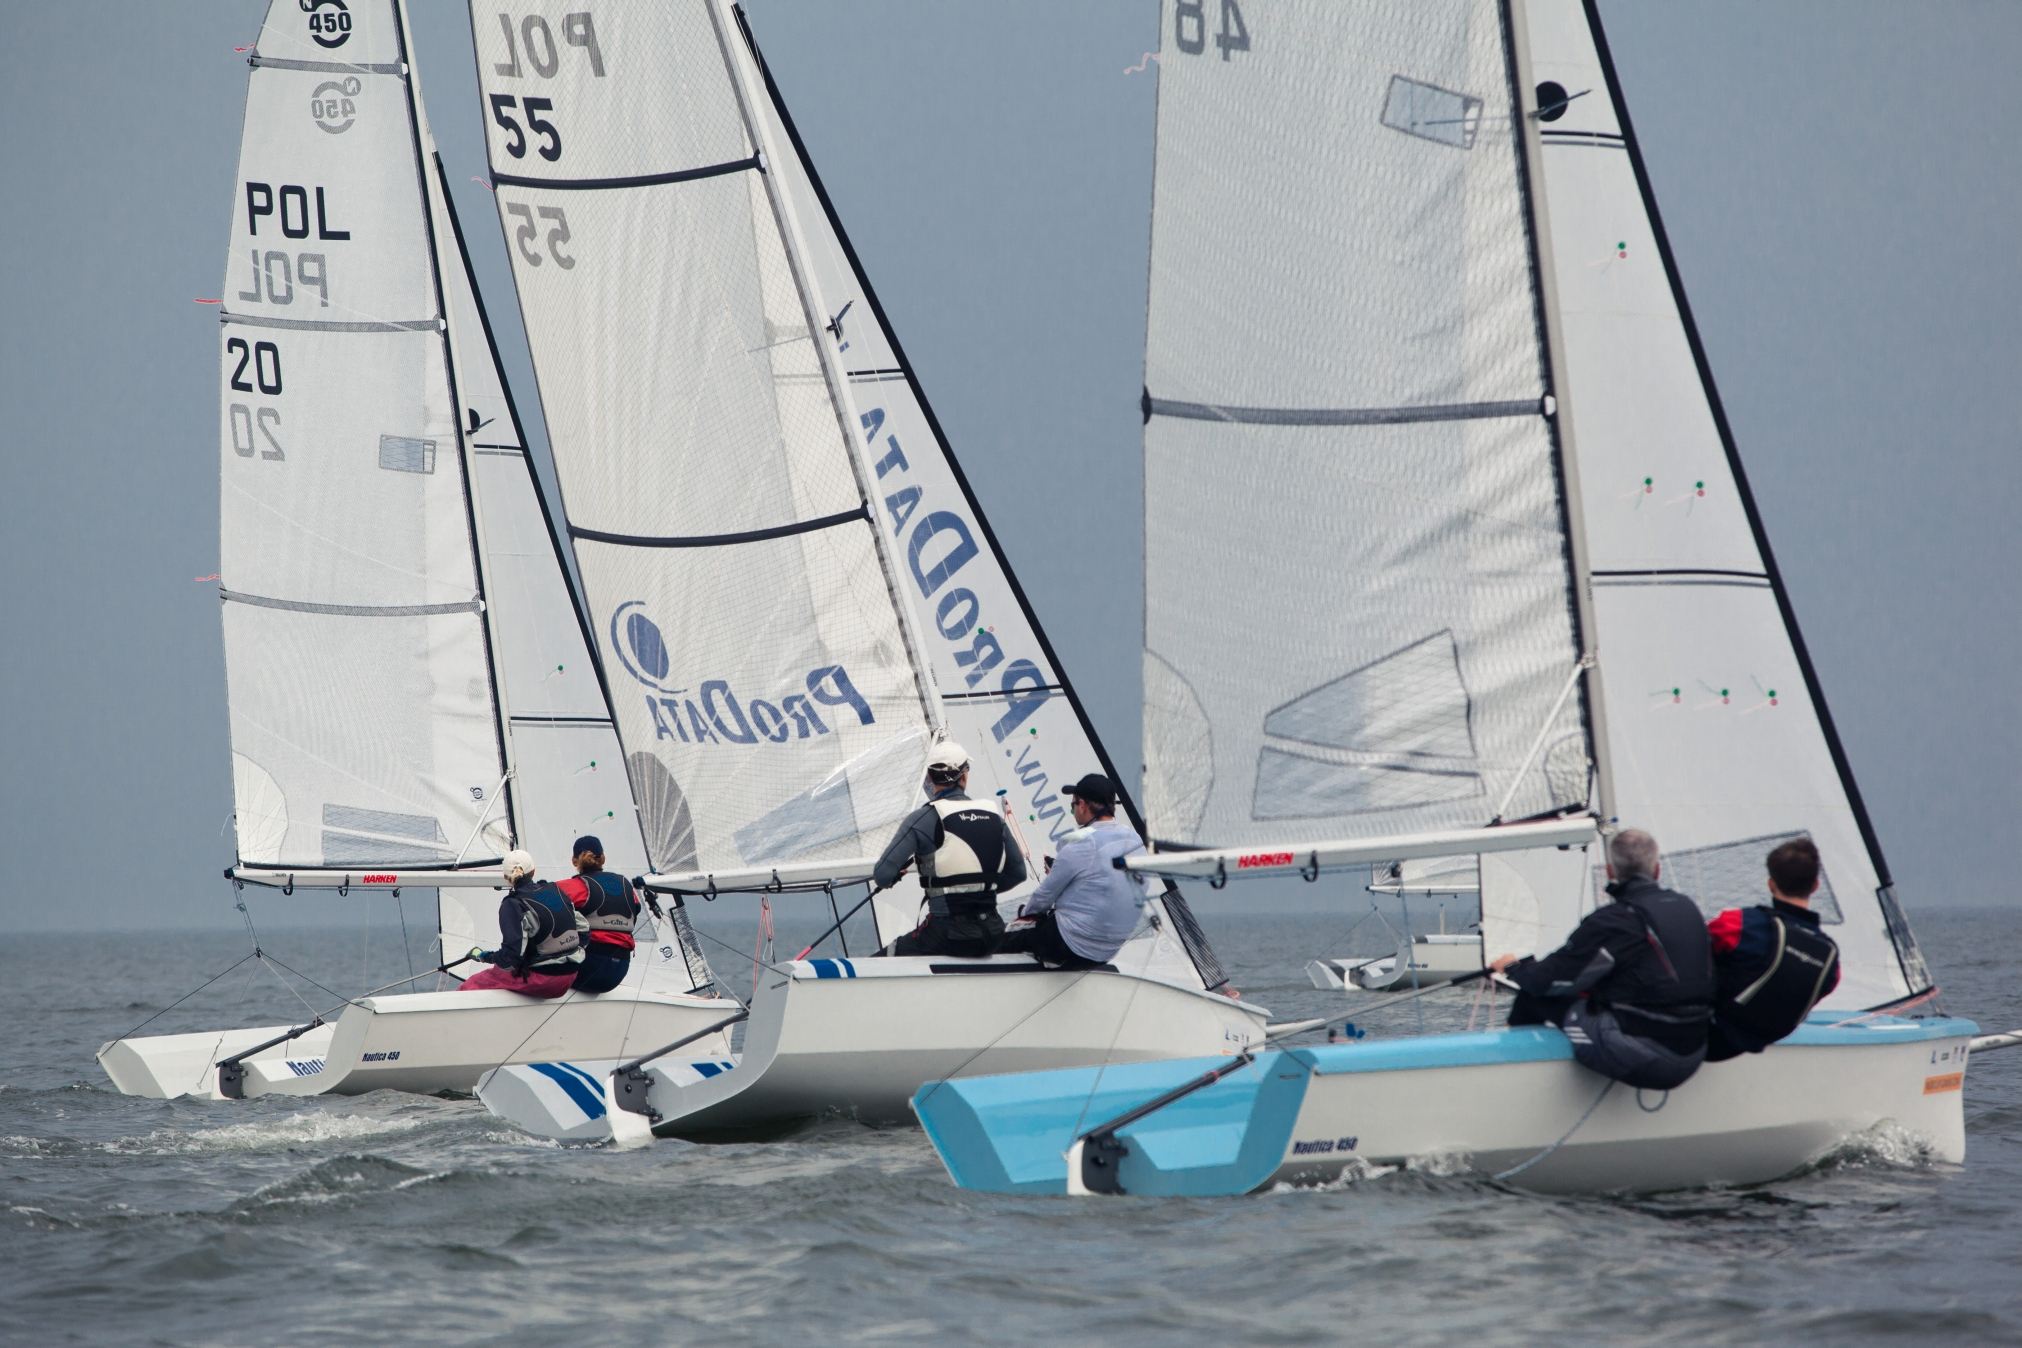 Zawiadomienie o regatach Mistrzostwa Skiff & Dinghy oraz Puchar Polski w klasie Nautica: Gdynia, 2-3.08.2014